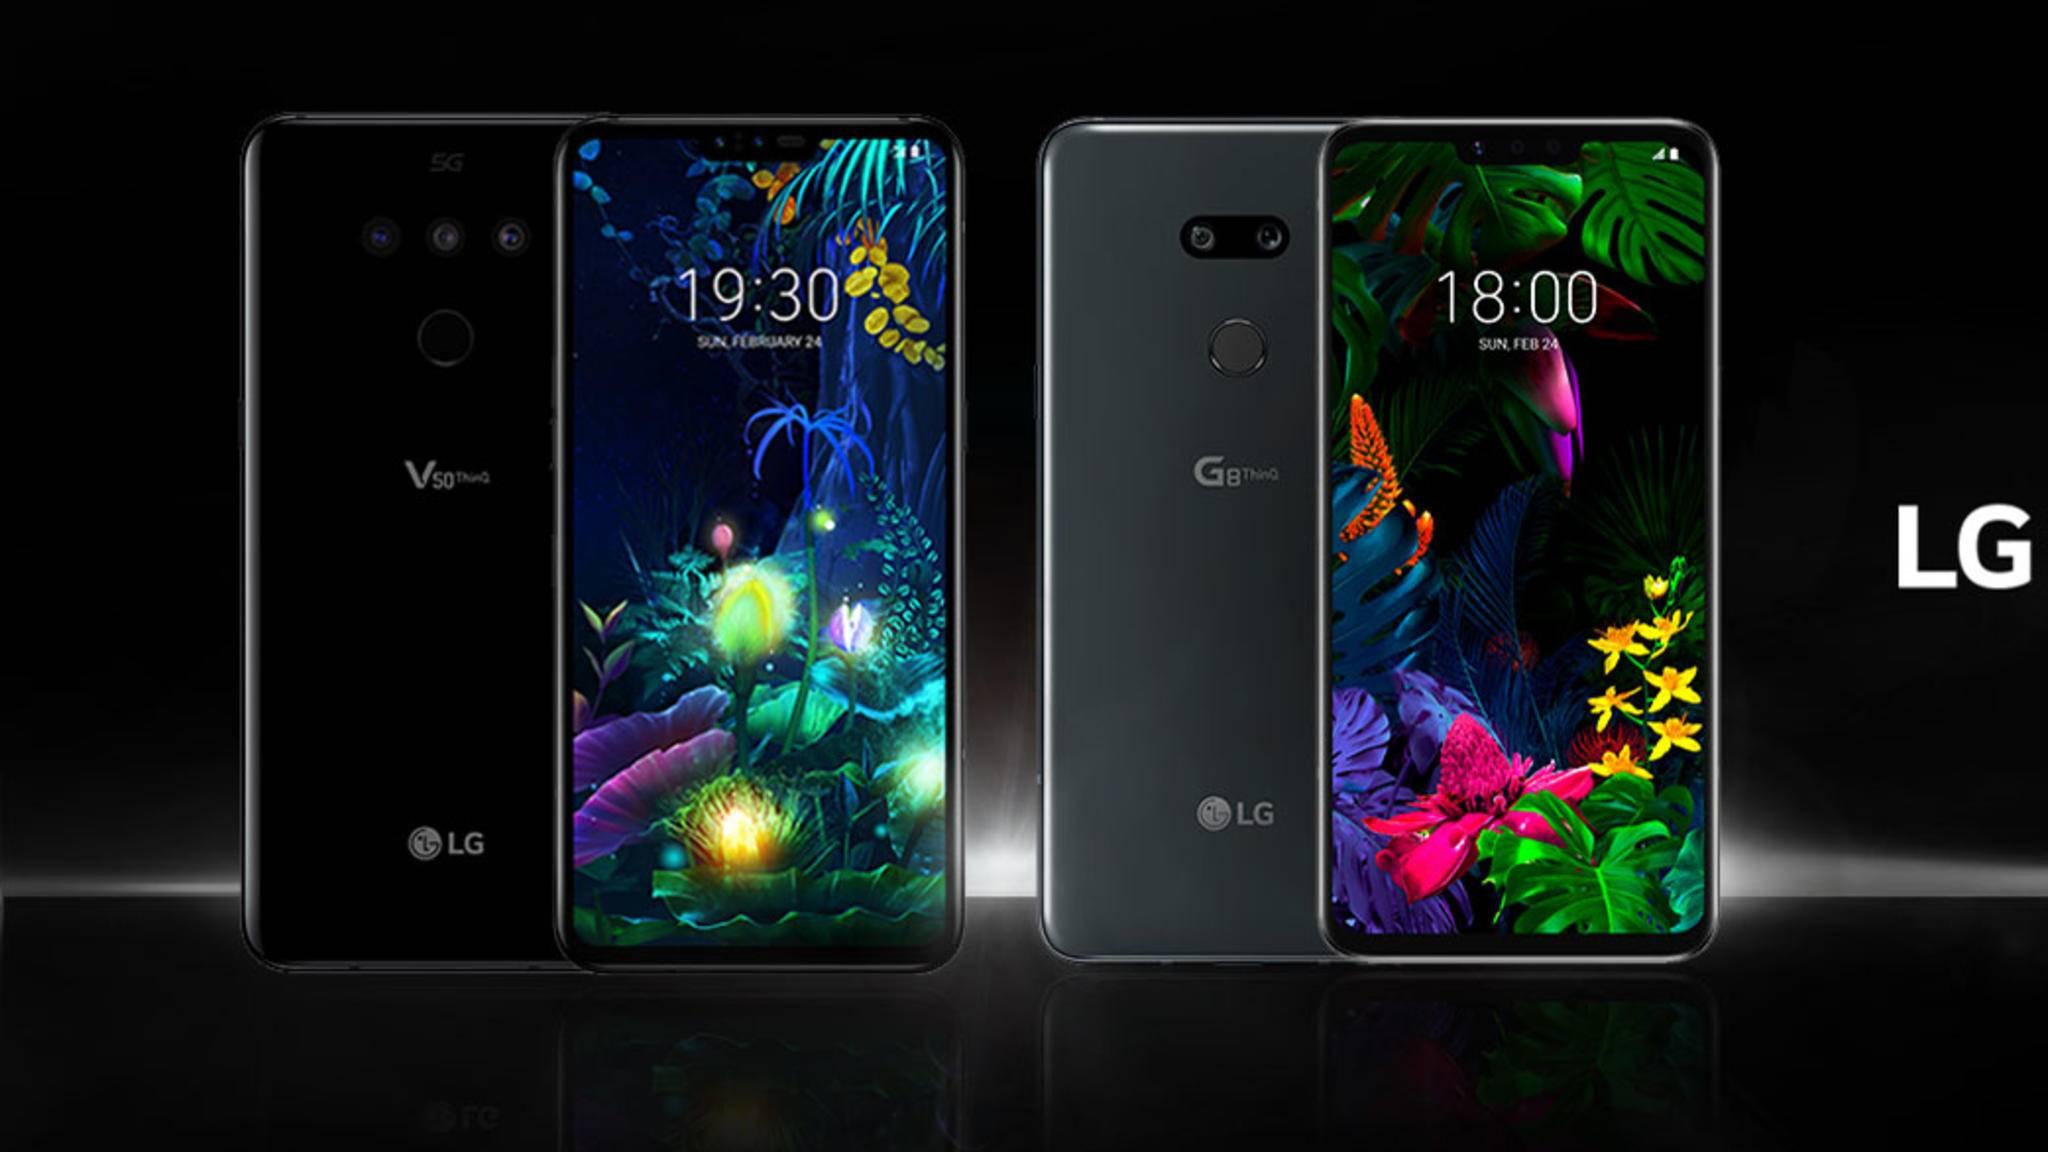 Das LG G8 ThinQ und das LG V50 ThinQ sind sich auf den ersten Blick ziemlich ähnlich – doch einige Unterschiede gibt es dennoch.